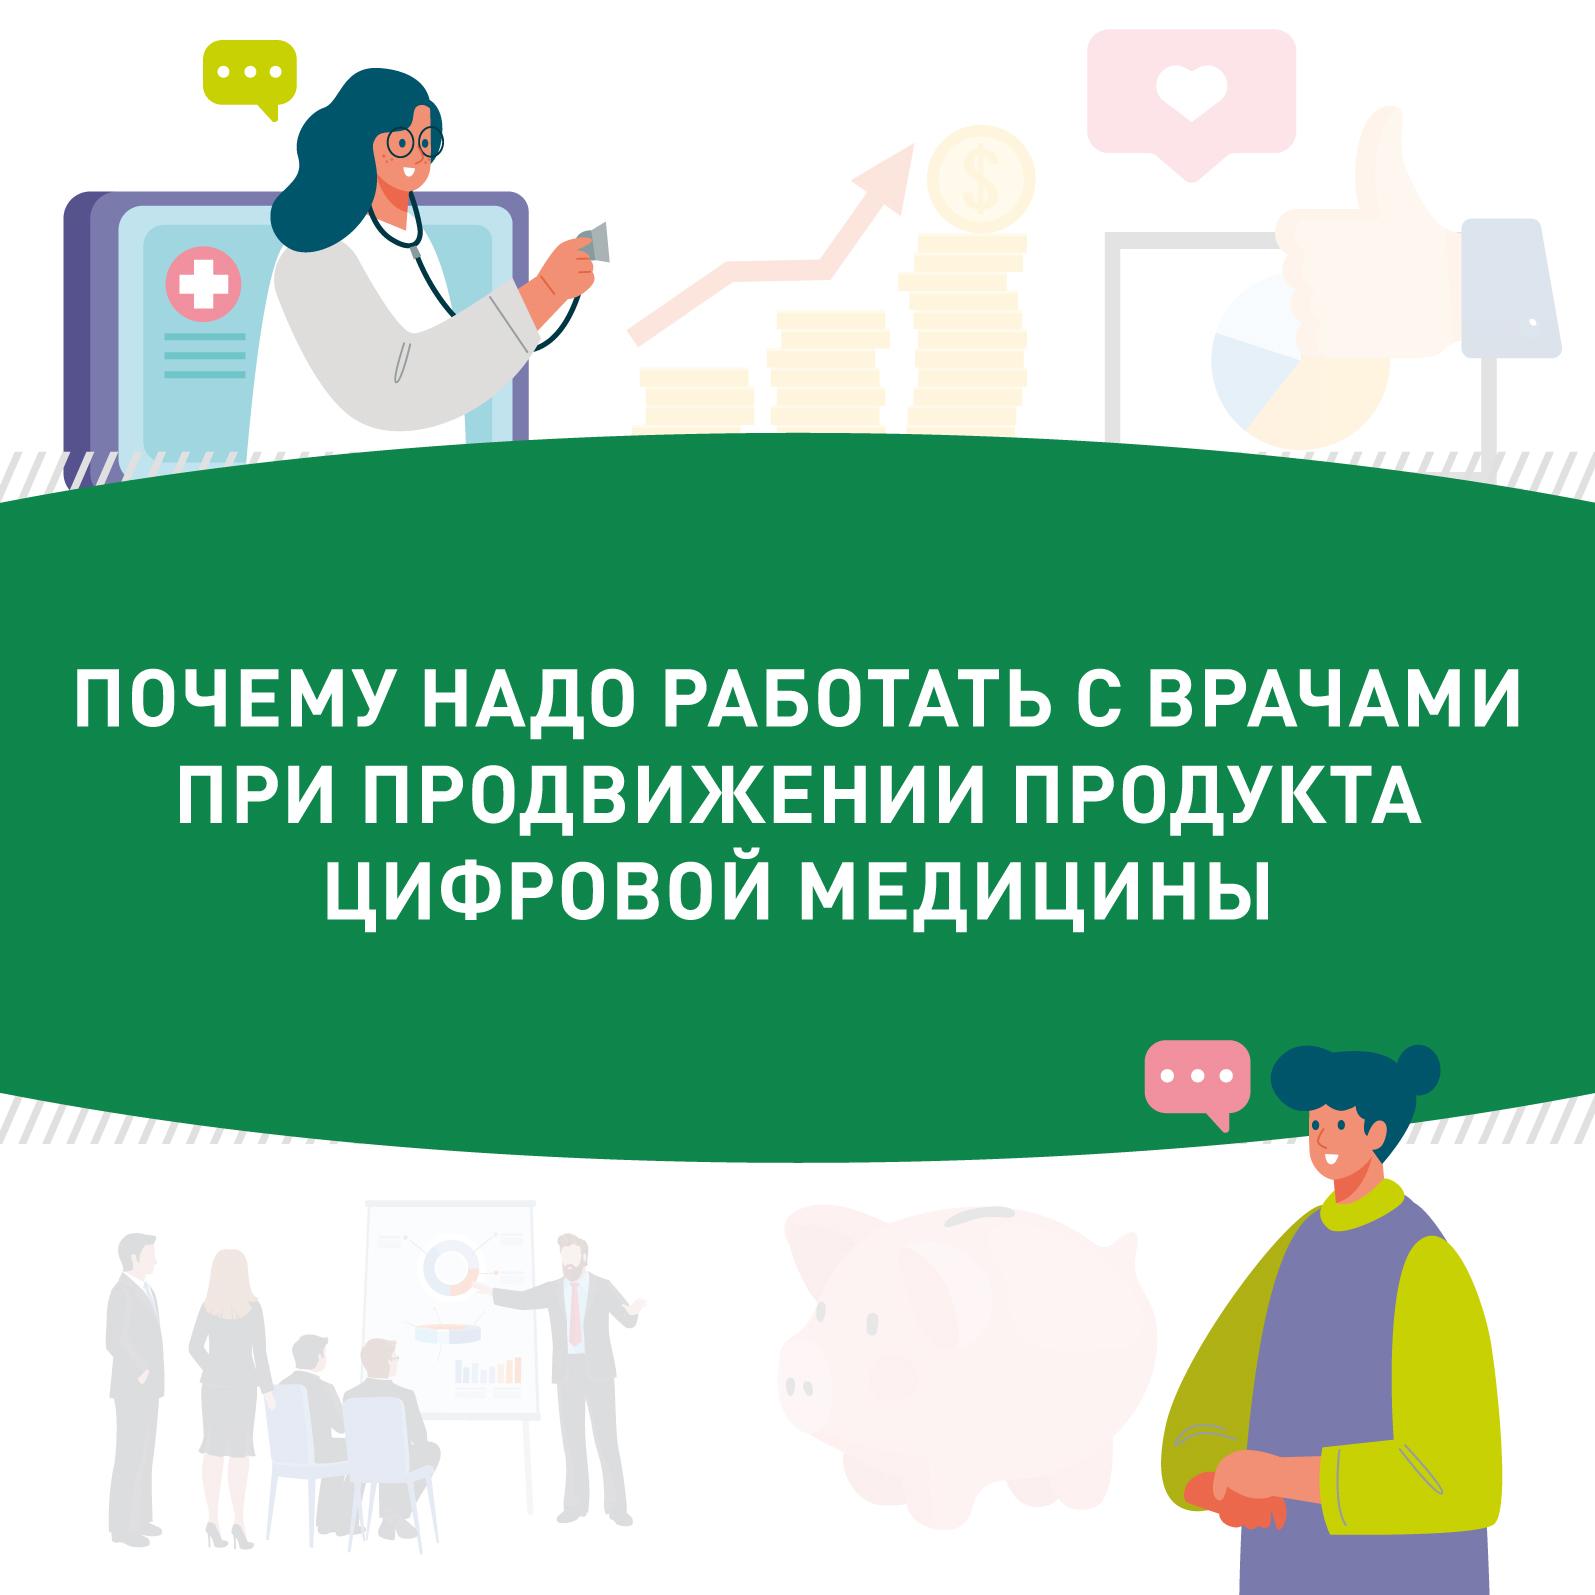 Почему надо работать с врачами при продвижении продукта цифровой медицины